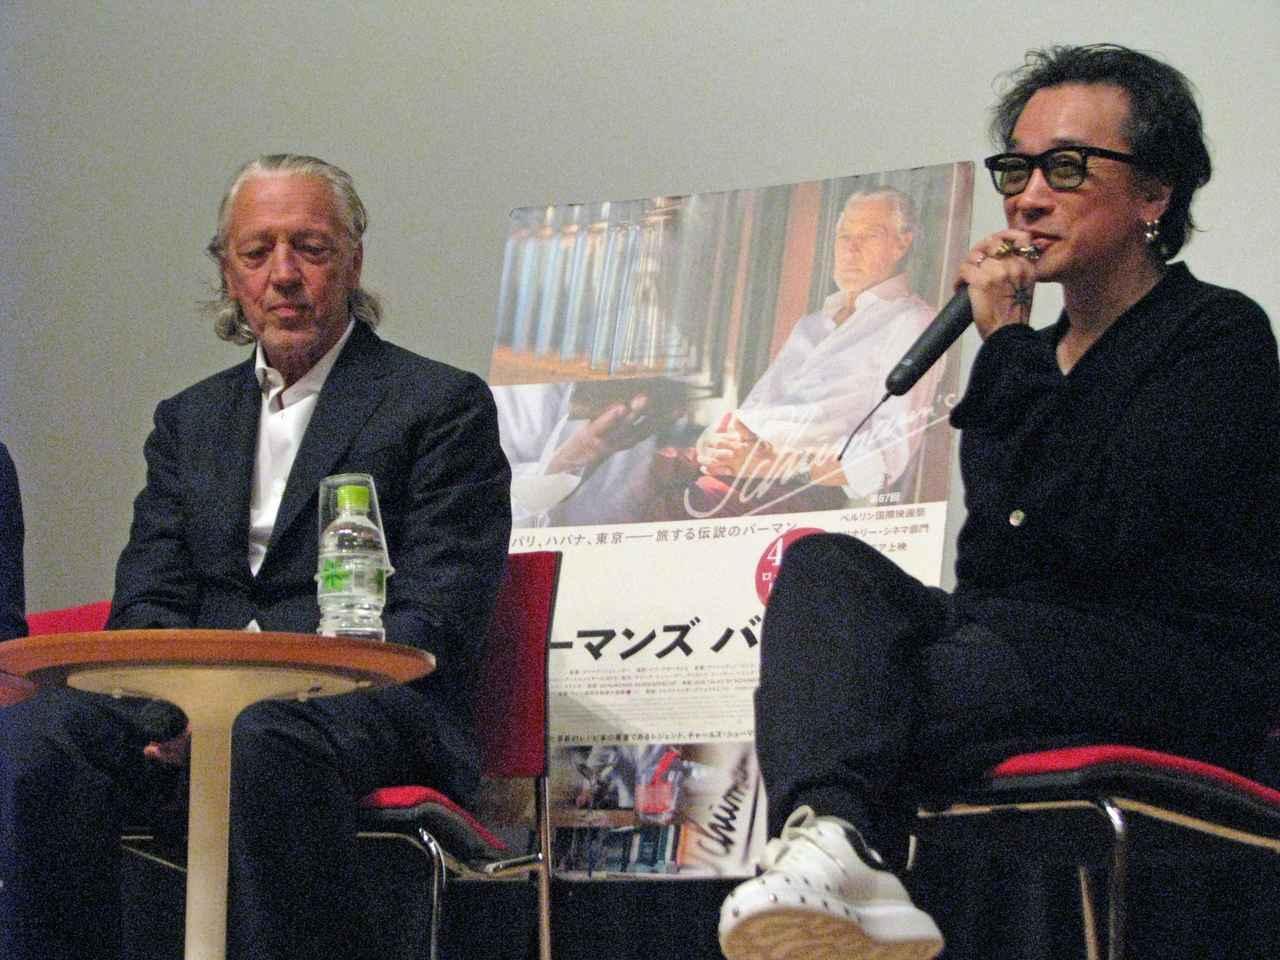 画像: 左より伝説のバーマン チャールズ・シューマンと菊地成孔さん